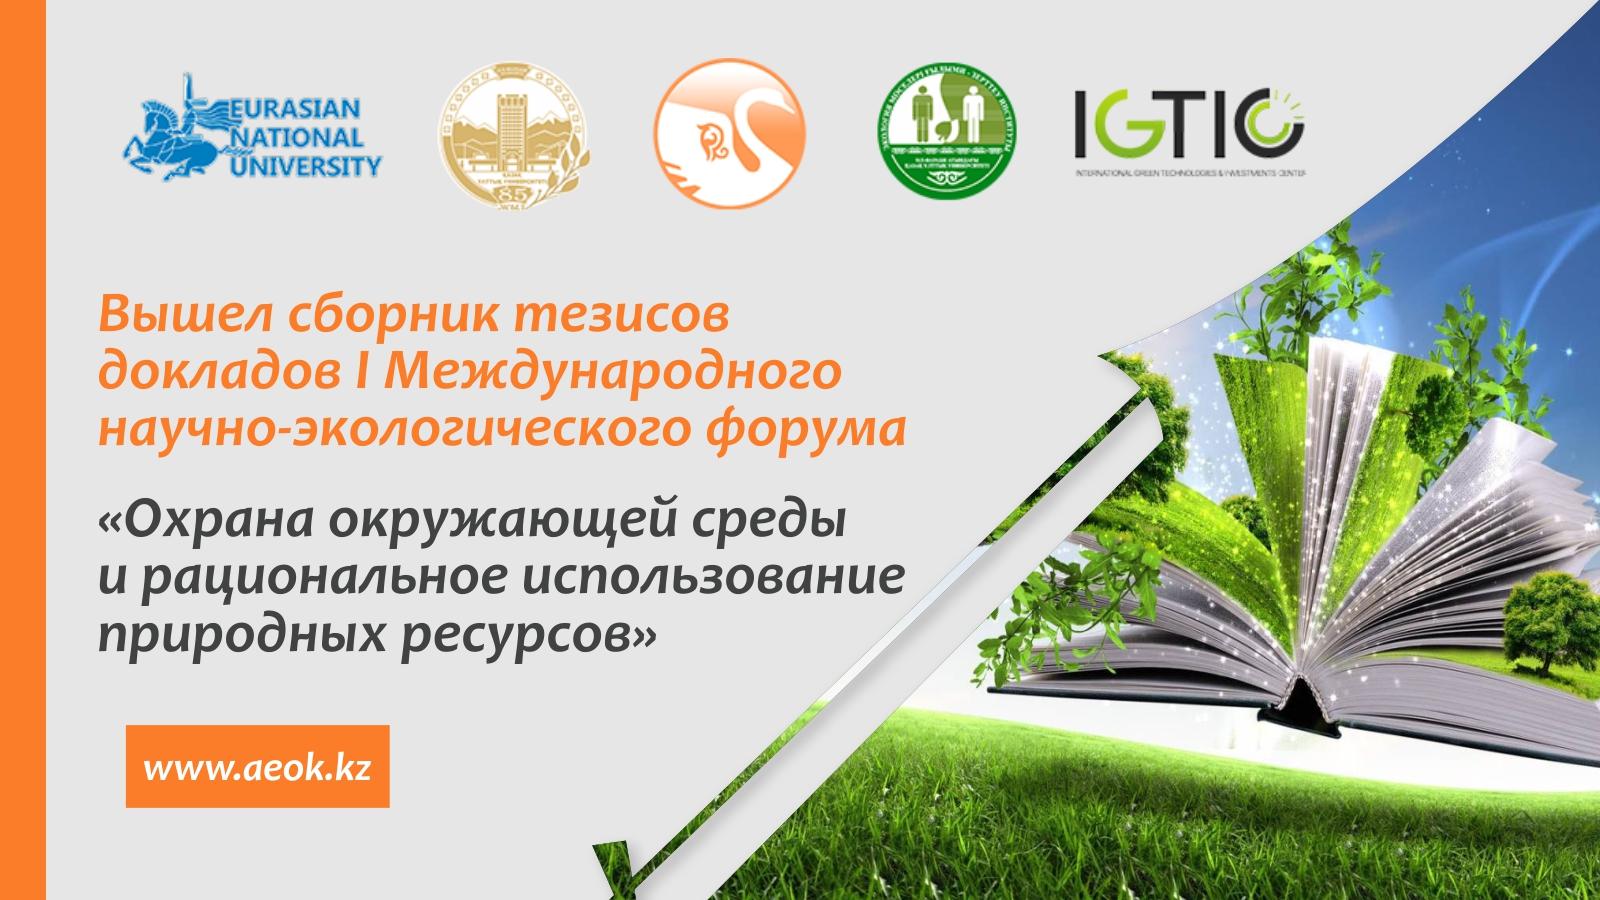 Научно экологический форум